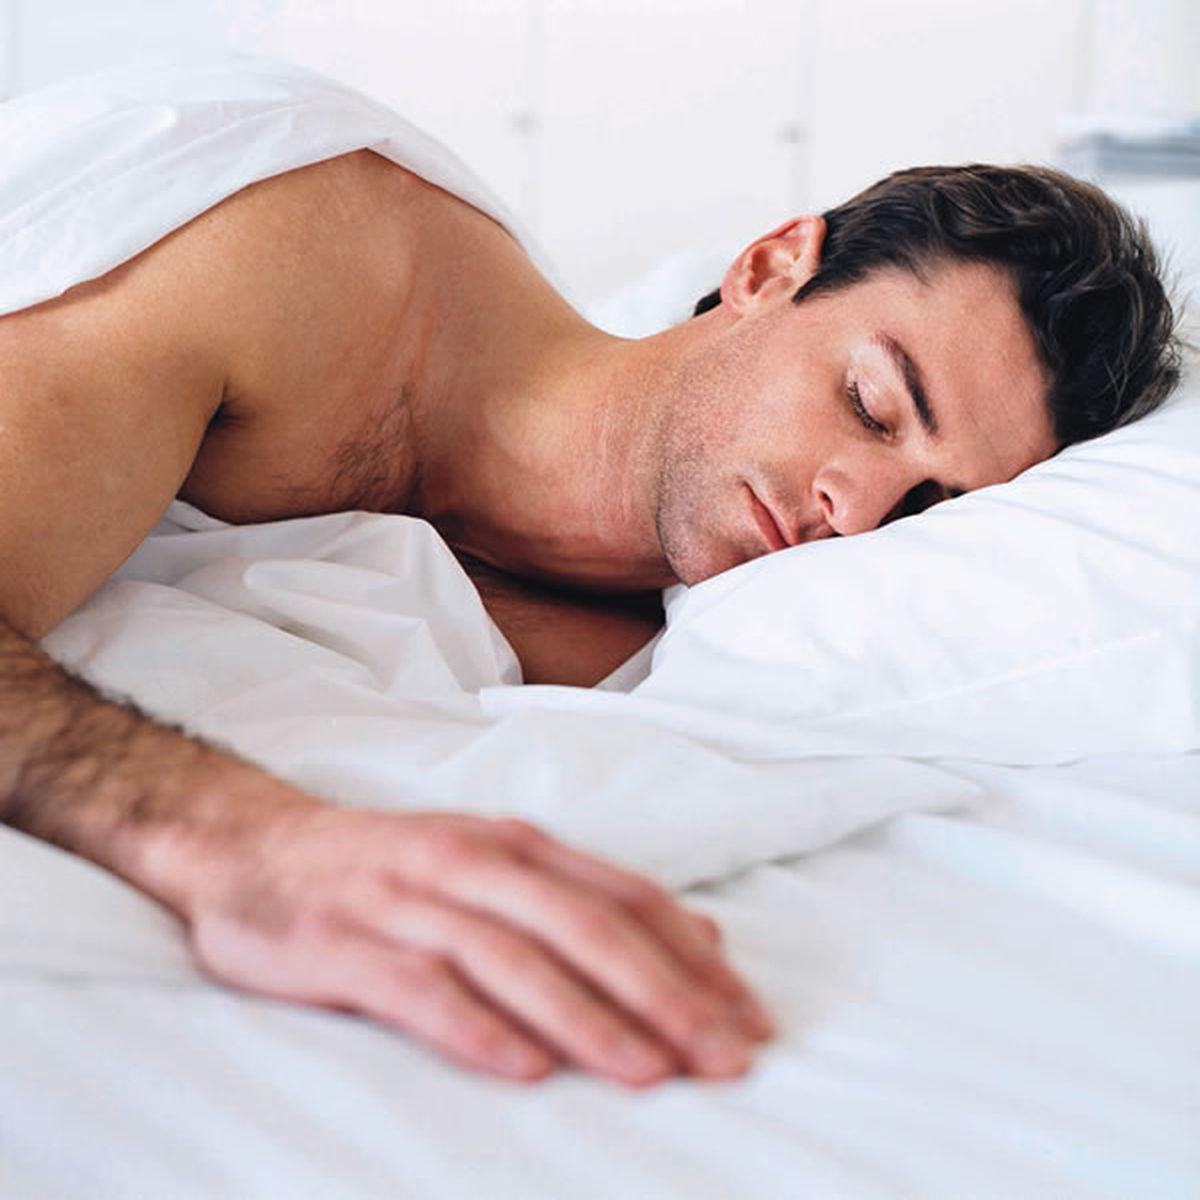 dacă o erecție te ține treaz stimulează penisul cu mâinile